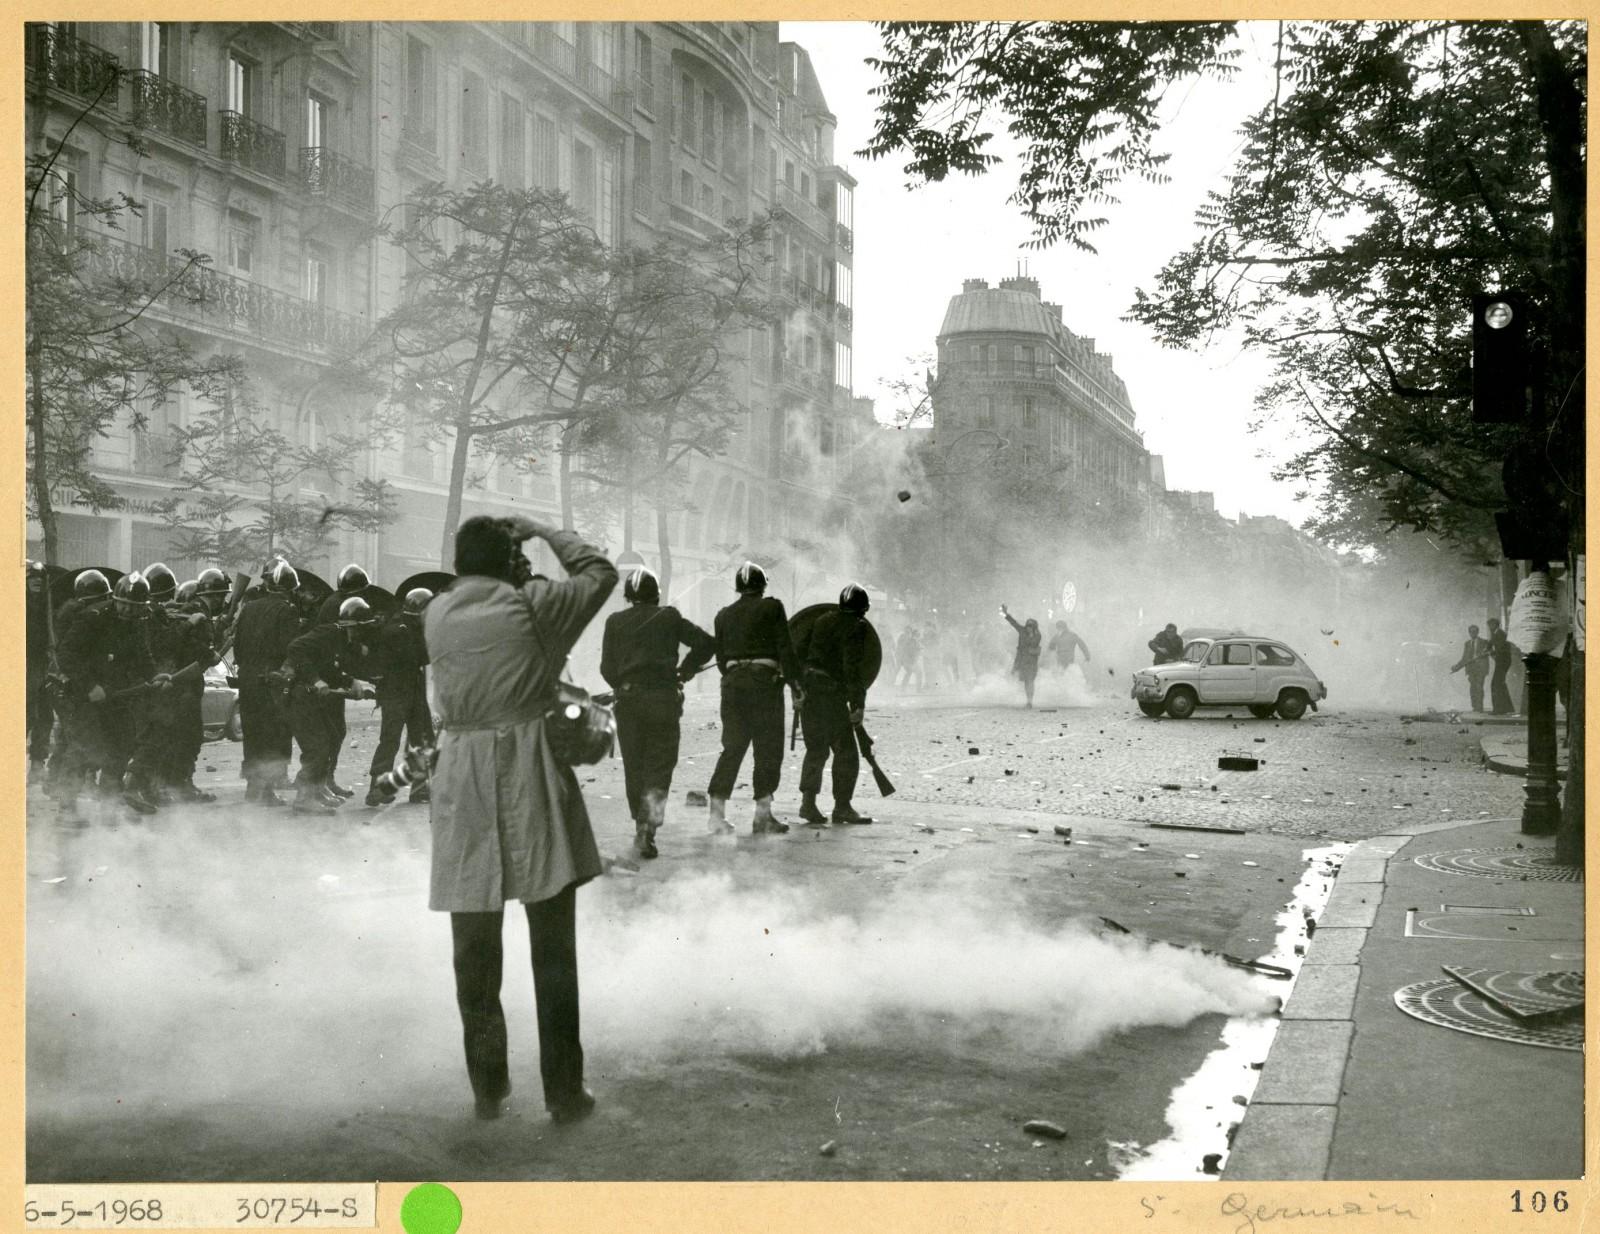 Manifestation du 6 mai 1968. Reportages sur les barricades construites par les étudiants